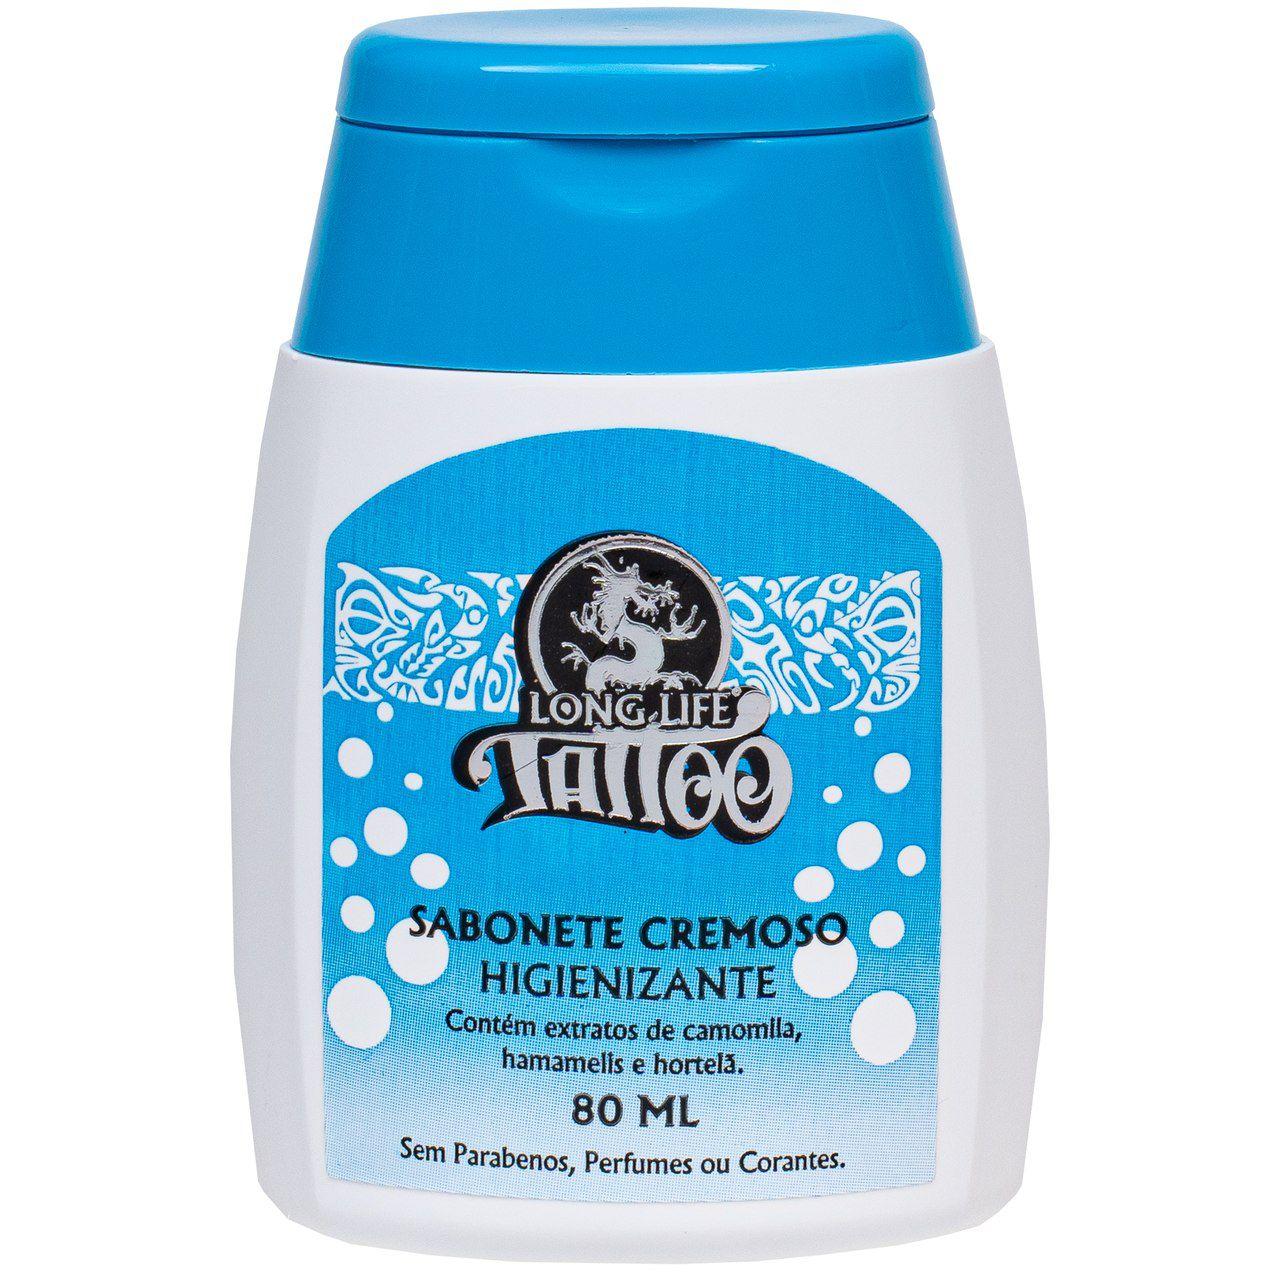 Sabonete Cremoso 80 ml